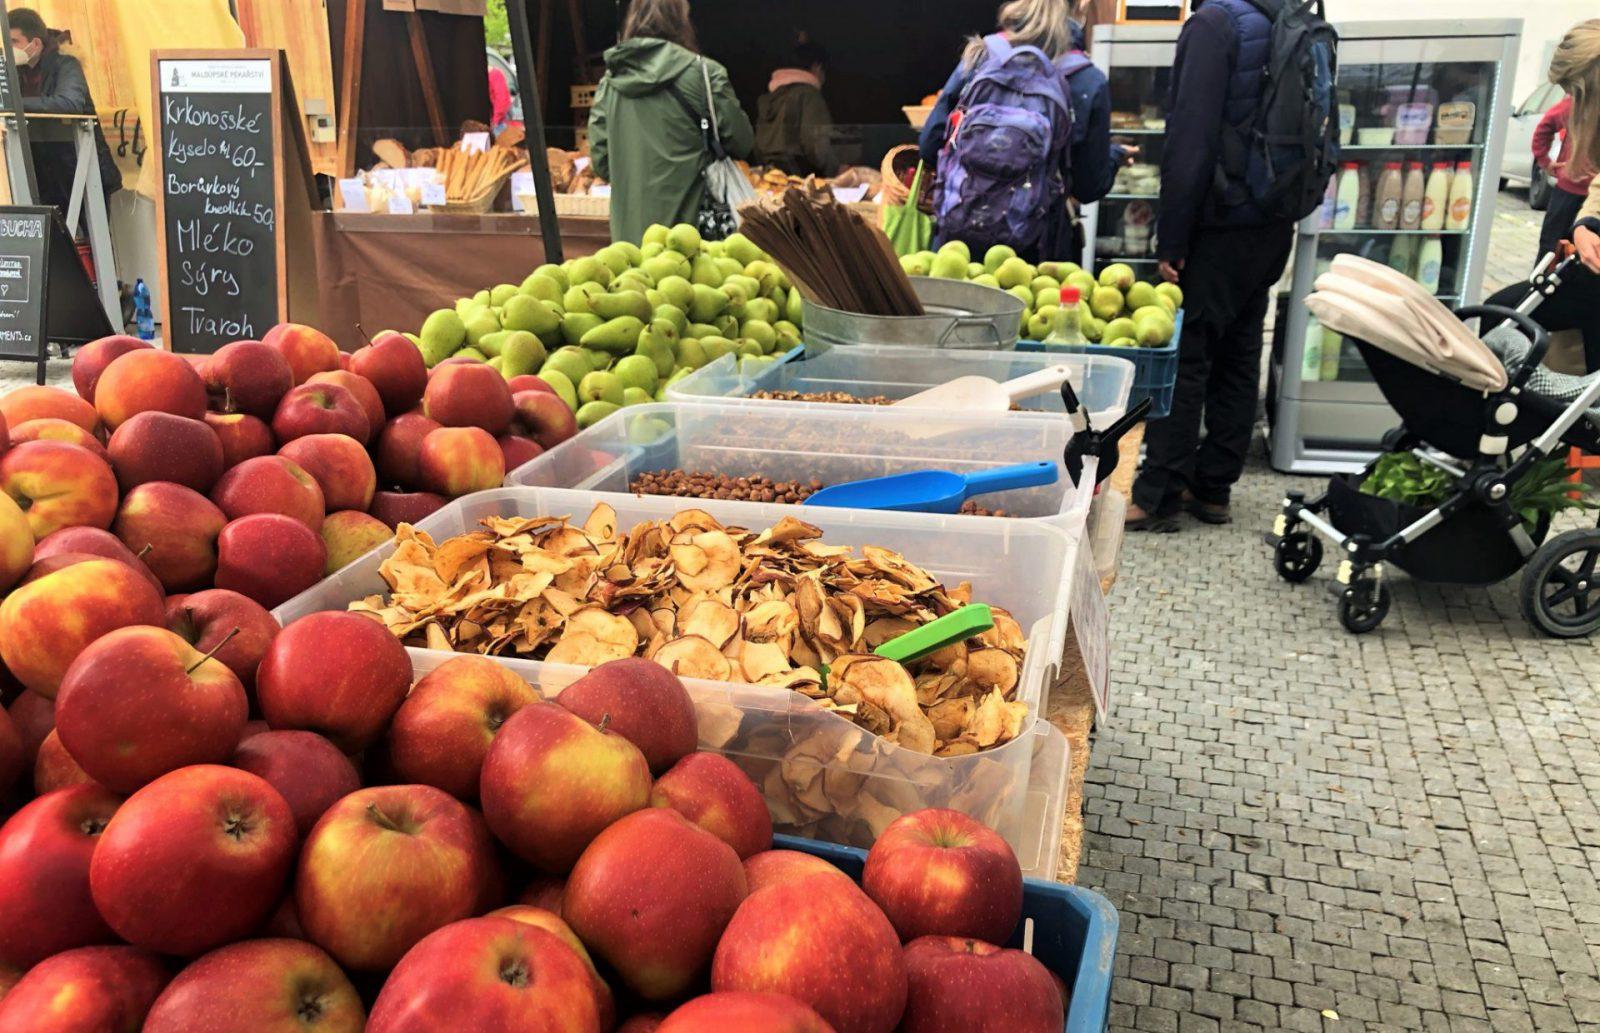 Sobota 8. 5. na Heřmaňáku – jablka a hrušky z ekologických sadů Bílé Podolí, pan Buchta, cukrářky Andělky,… a víc a víc jarní zeleniny, salátů i bylinek.